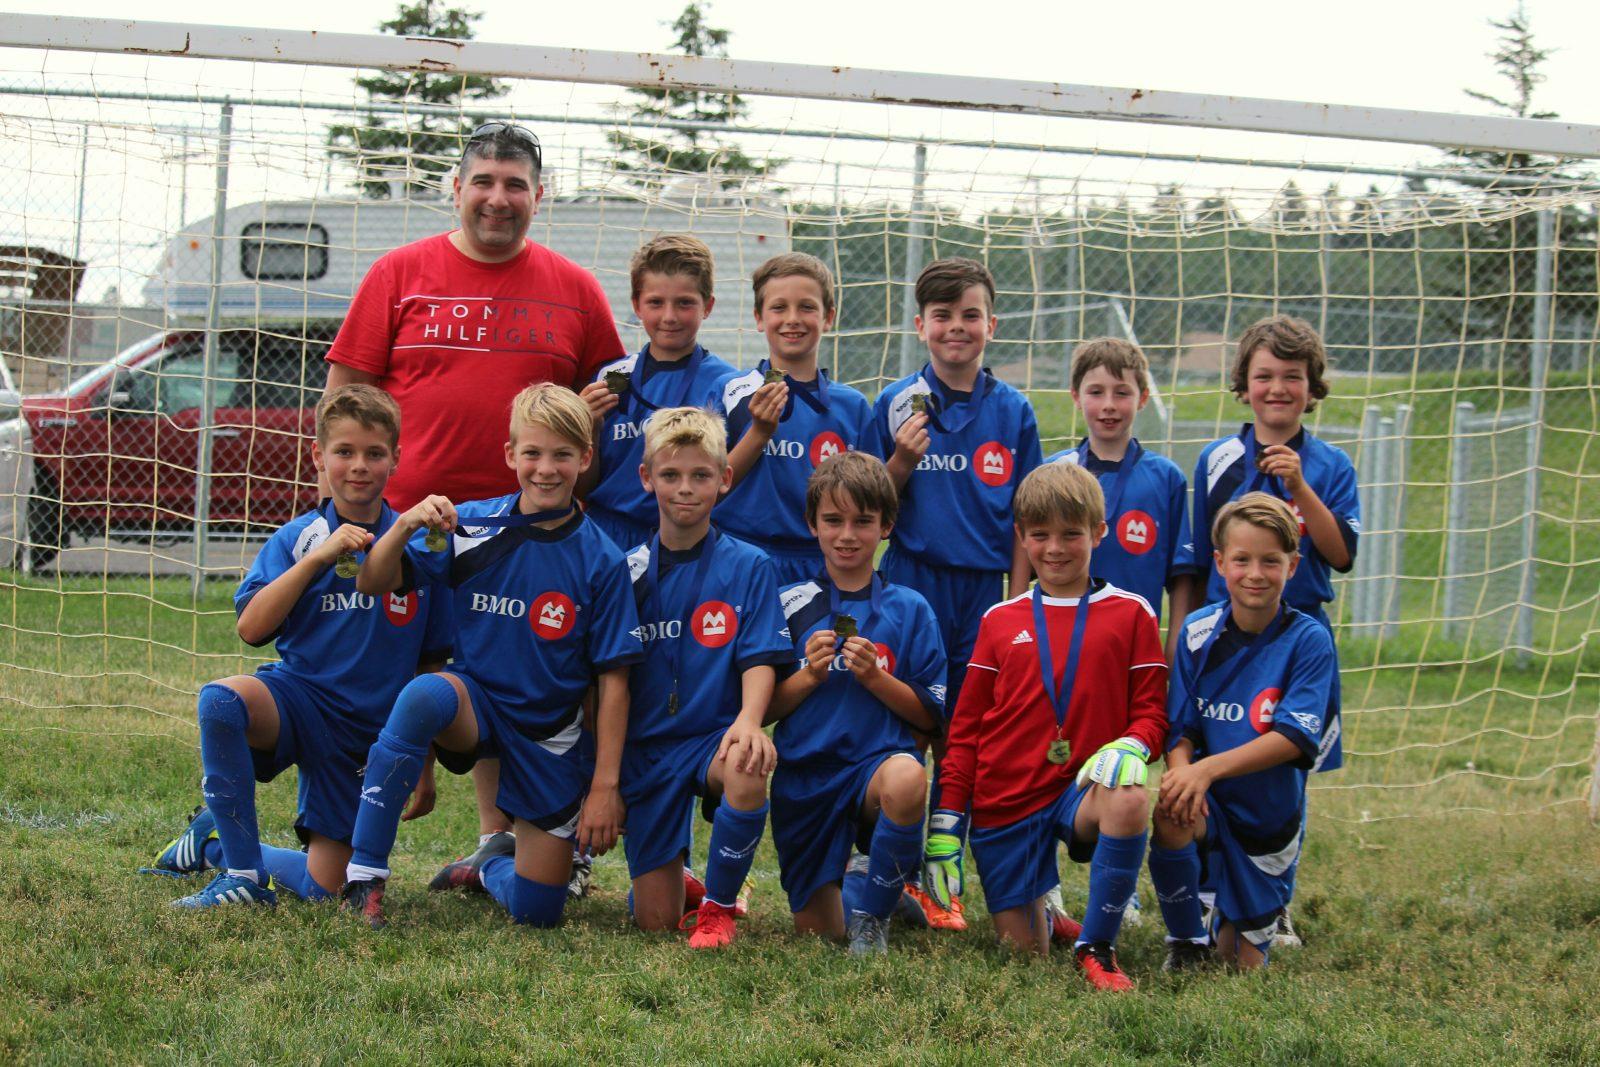 Trois médailles d'or à Roberval pour le soccer mineur local